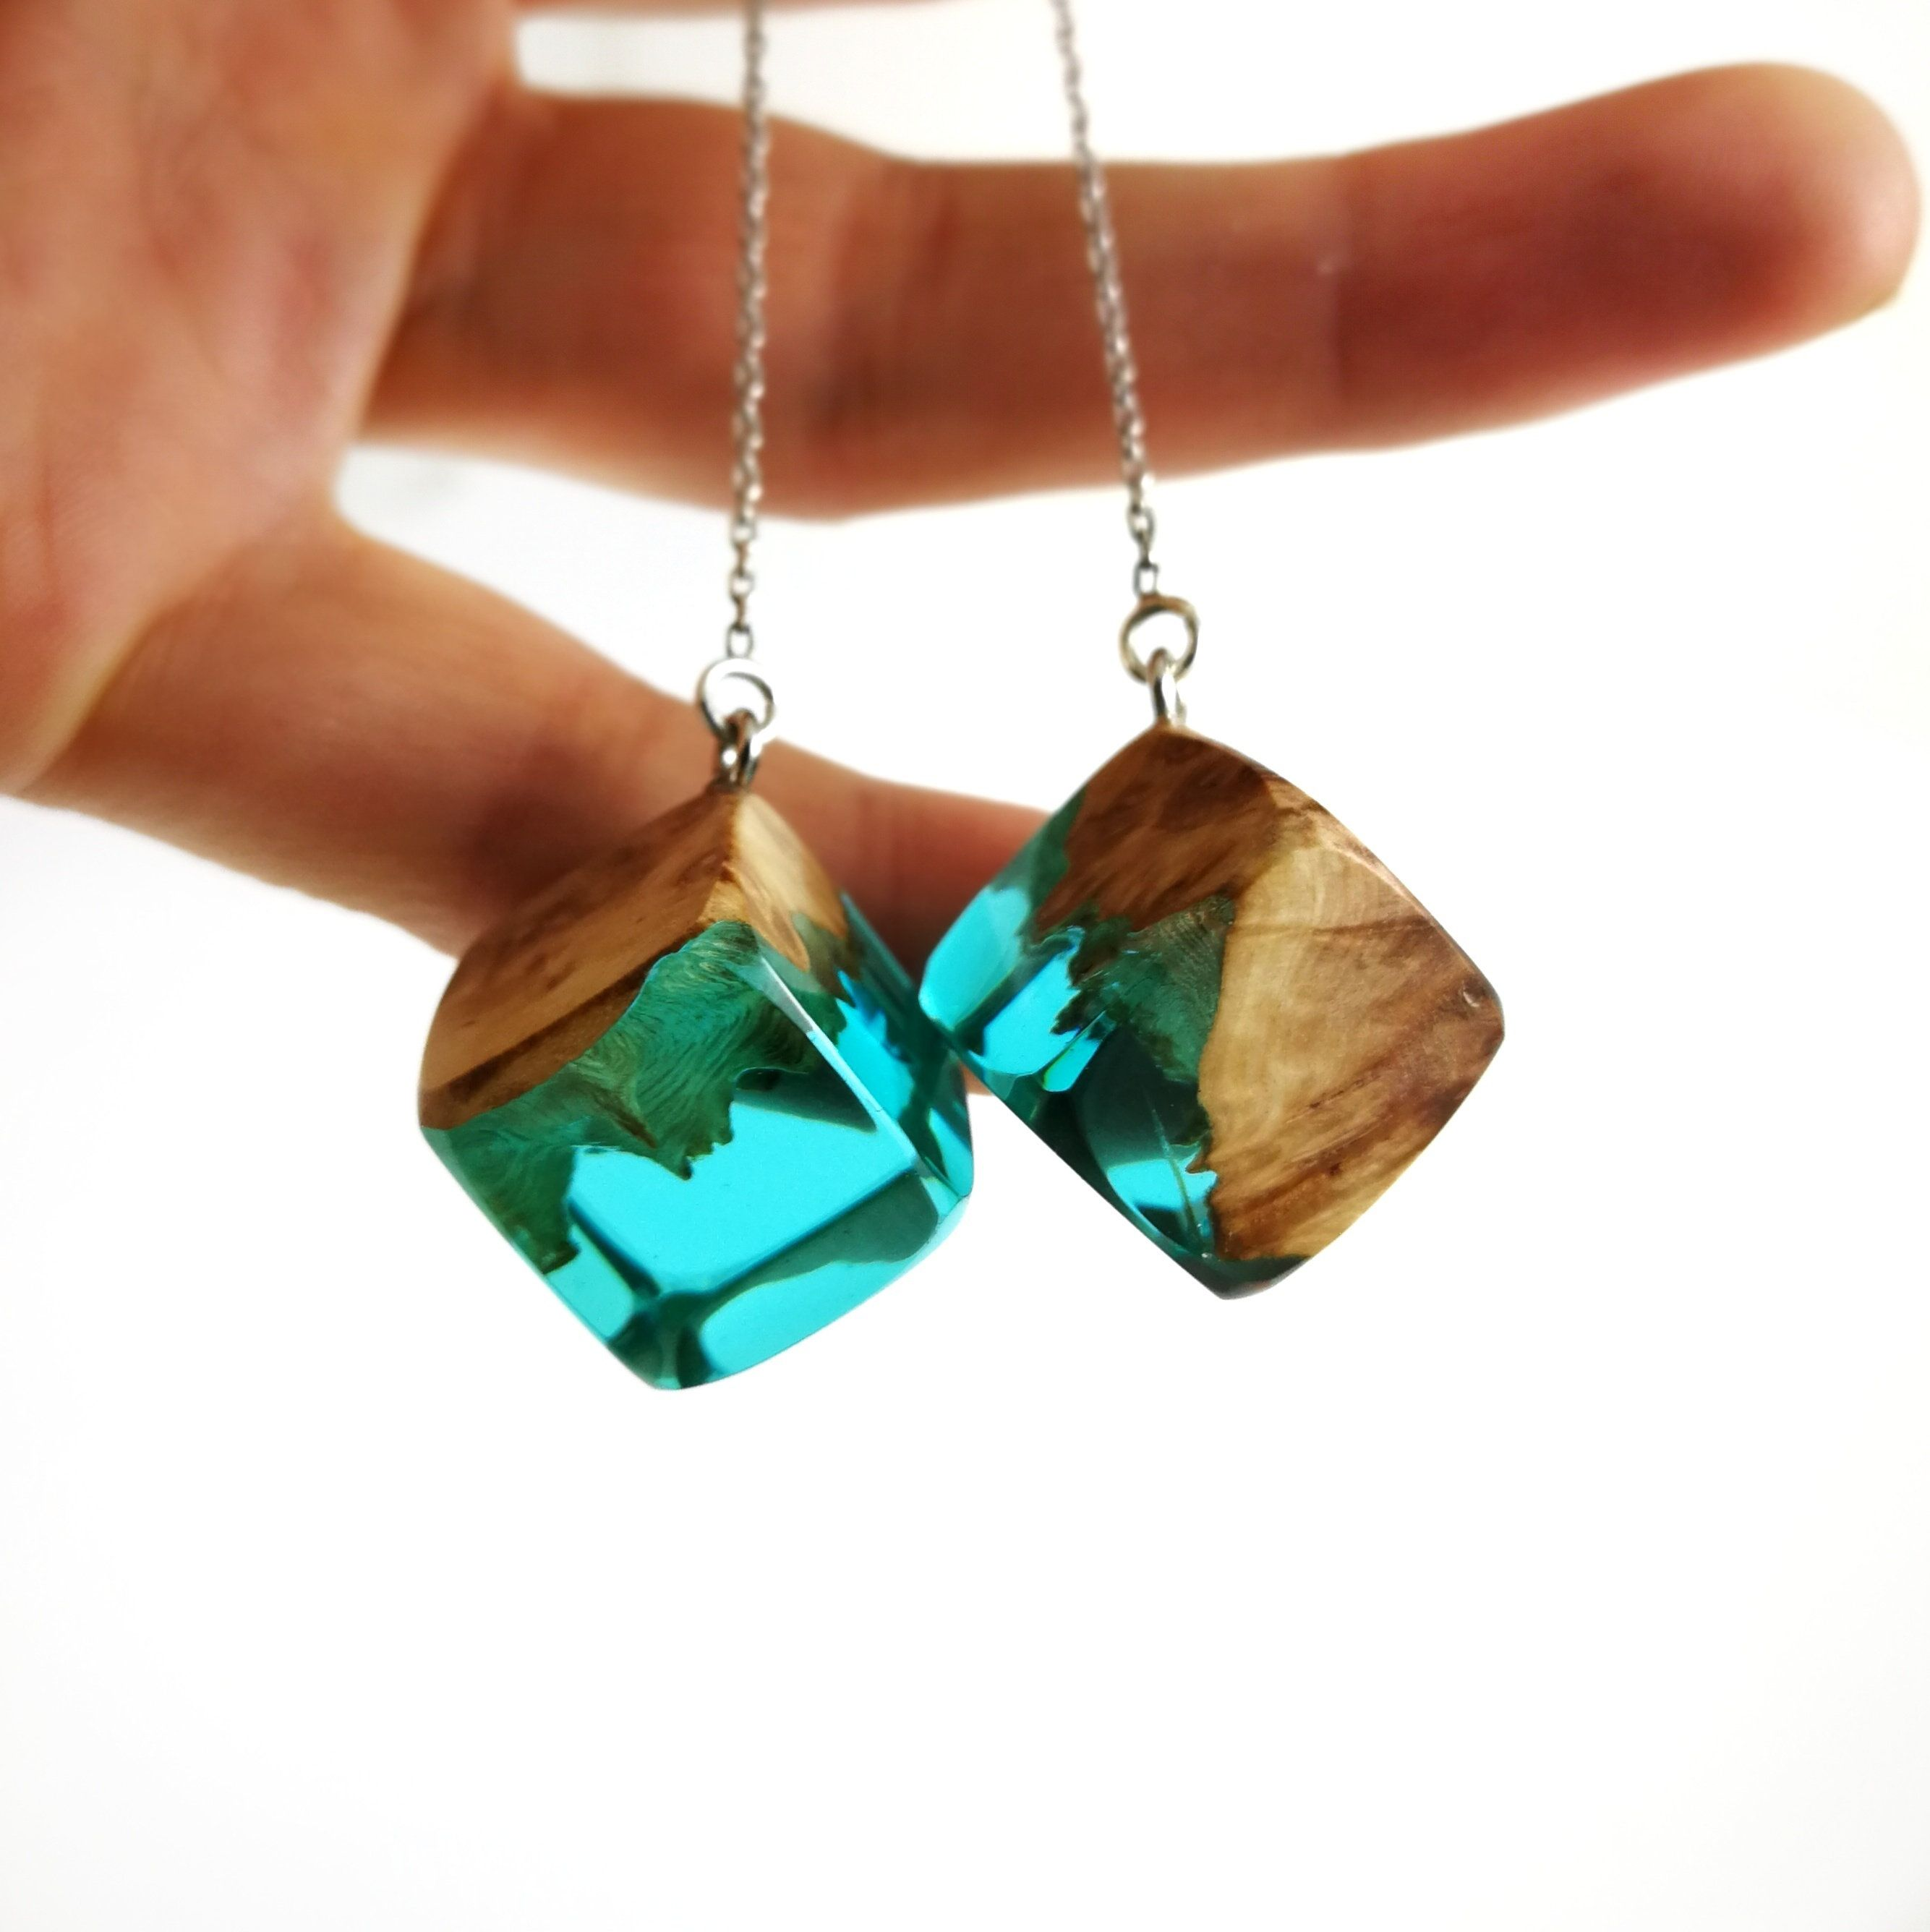 Wood and resin earrings